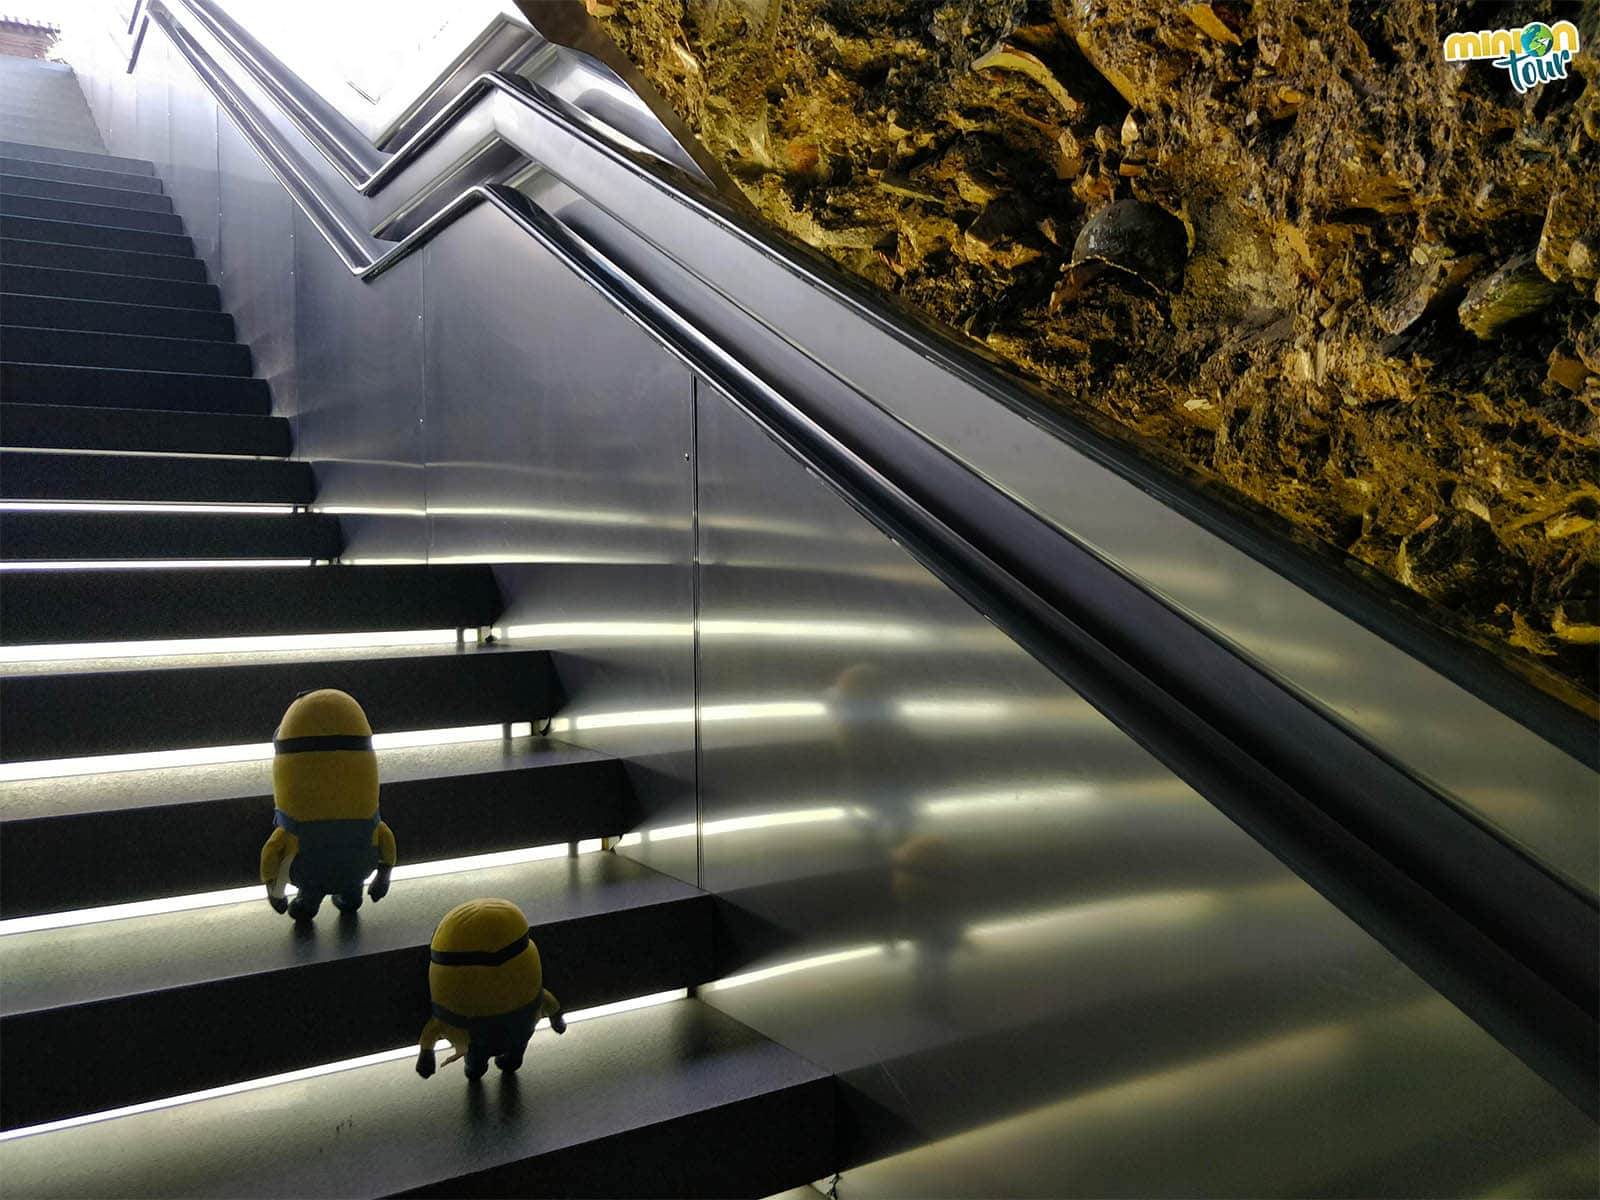 Escaleras del Metro de Granada